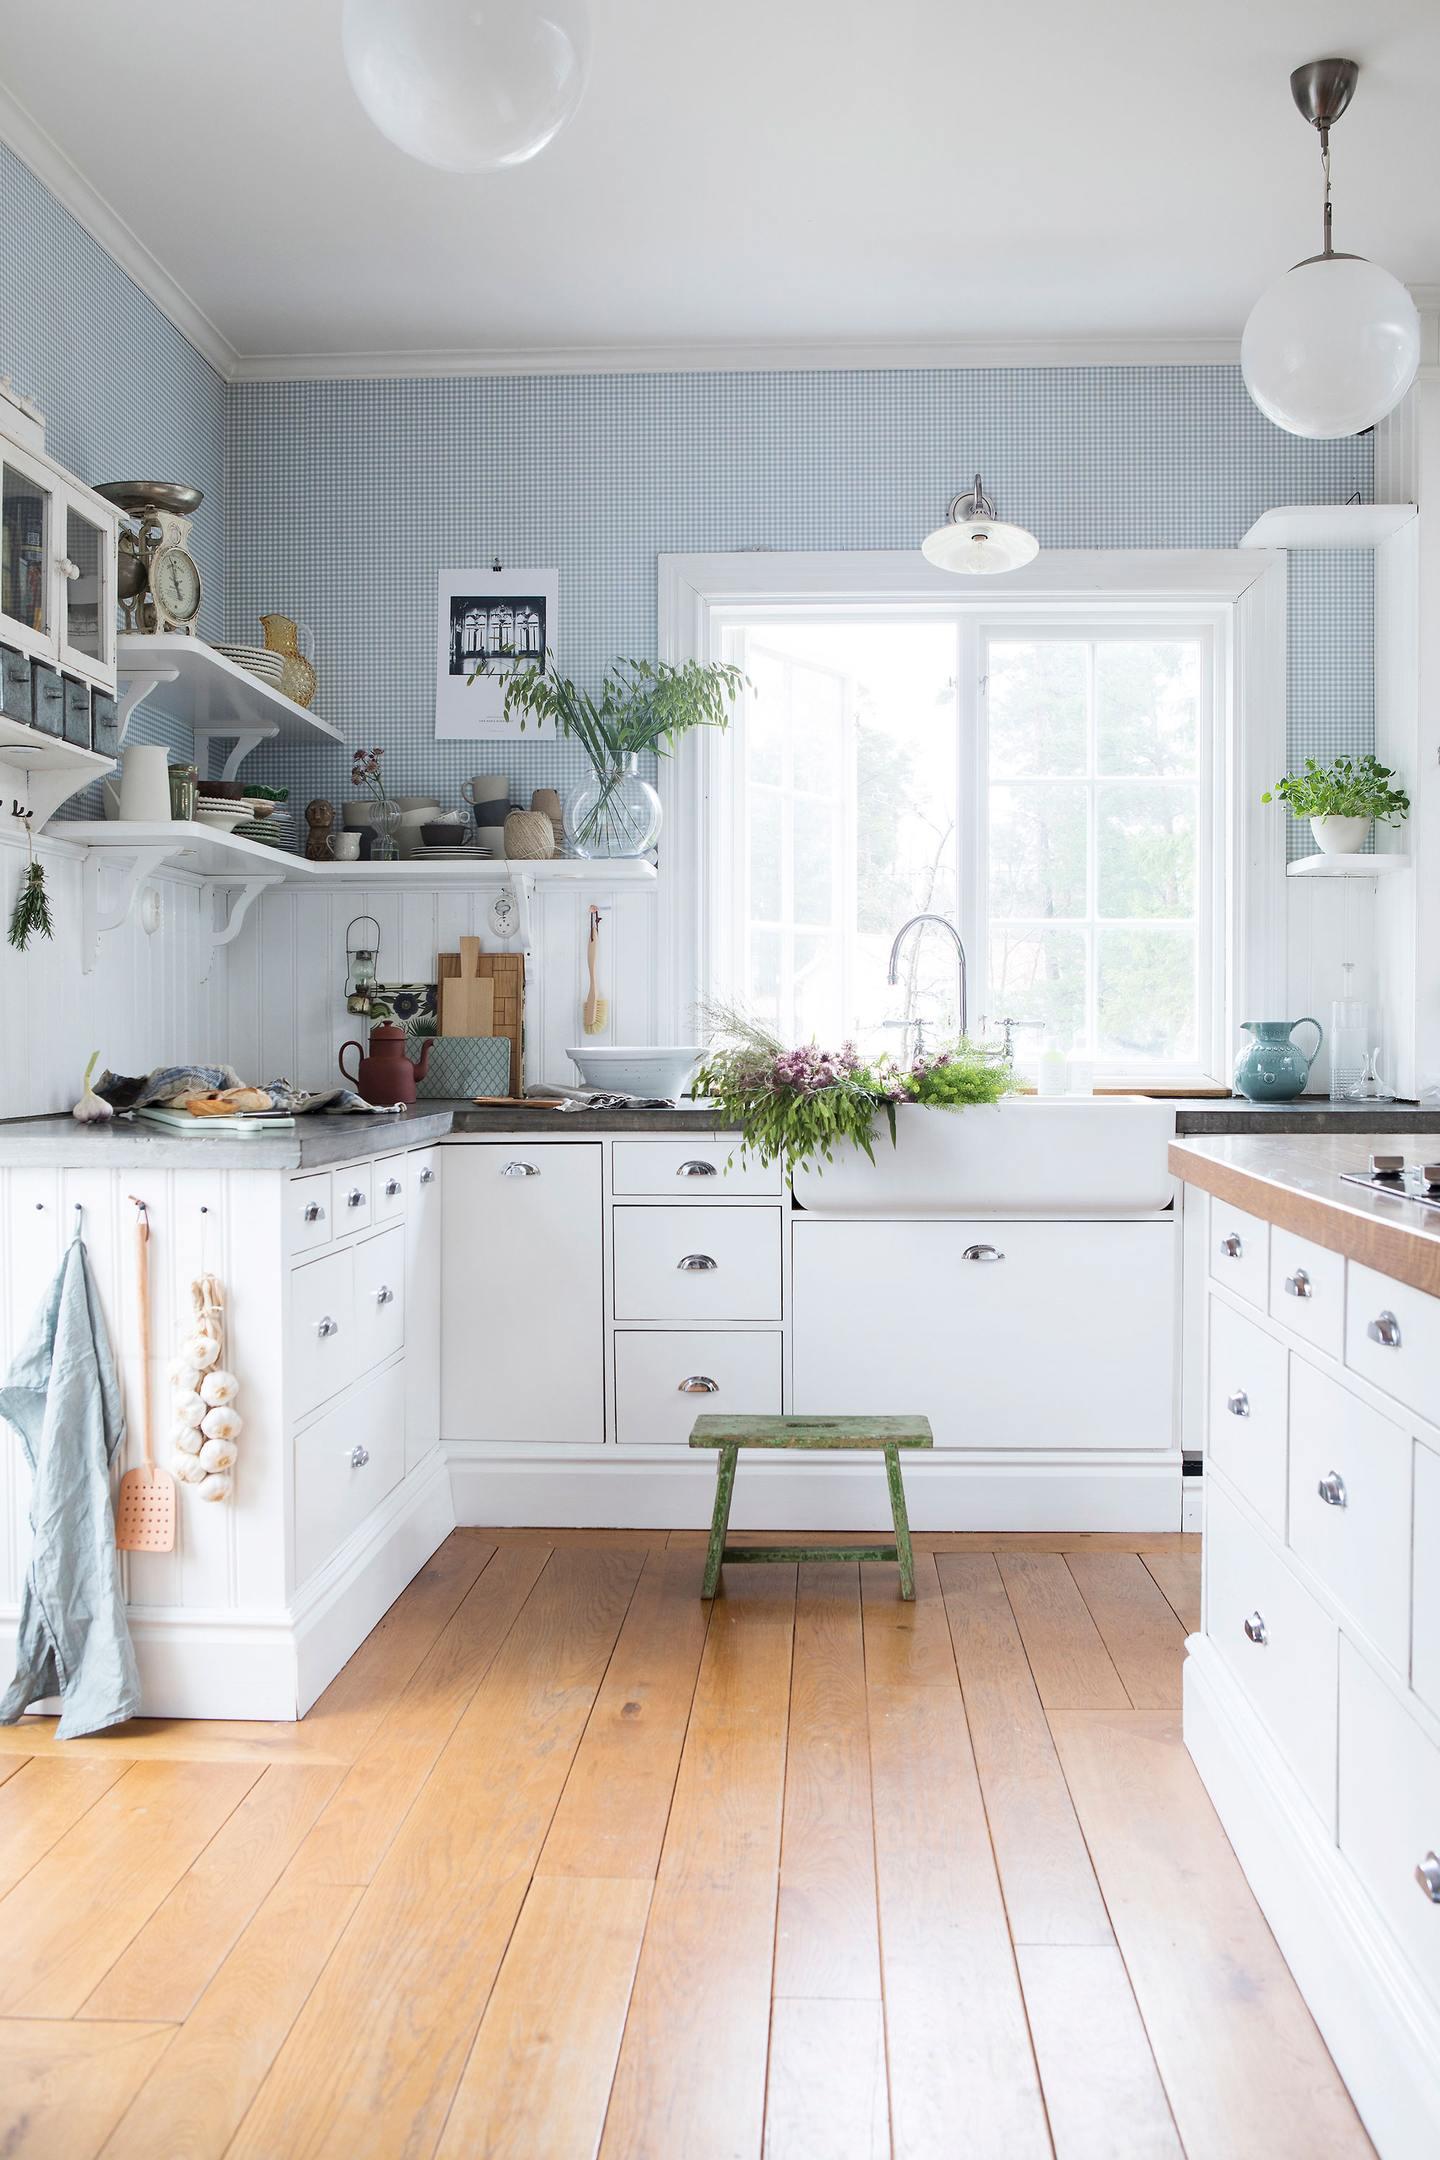 Cucina di Campagna Nordic Style | Shabby Chic Mania by Grazia Maiolino